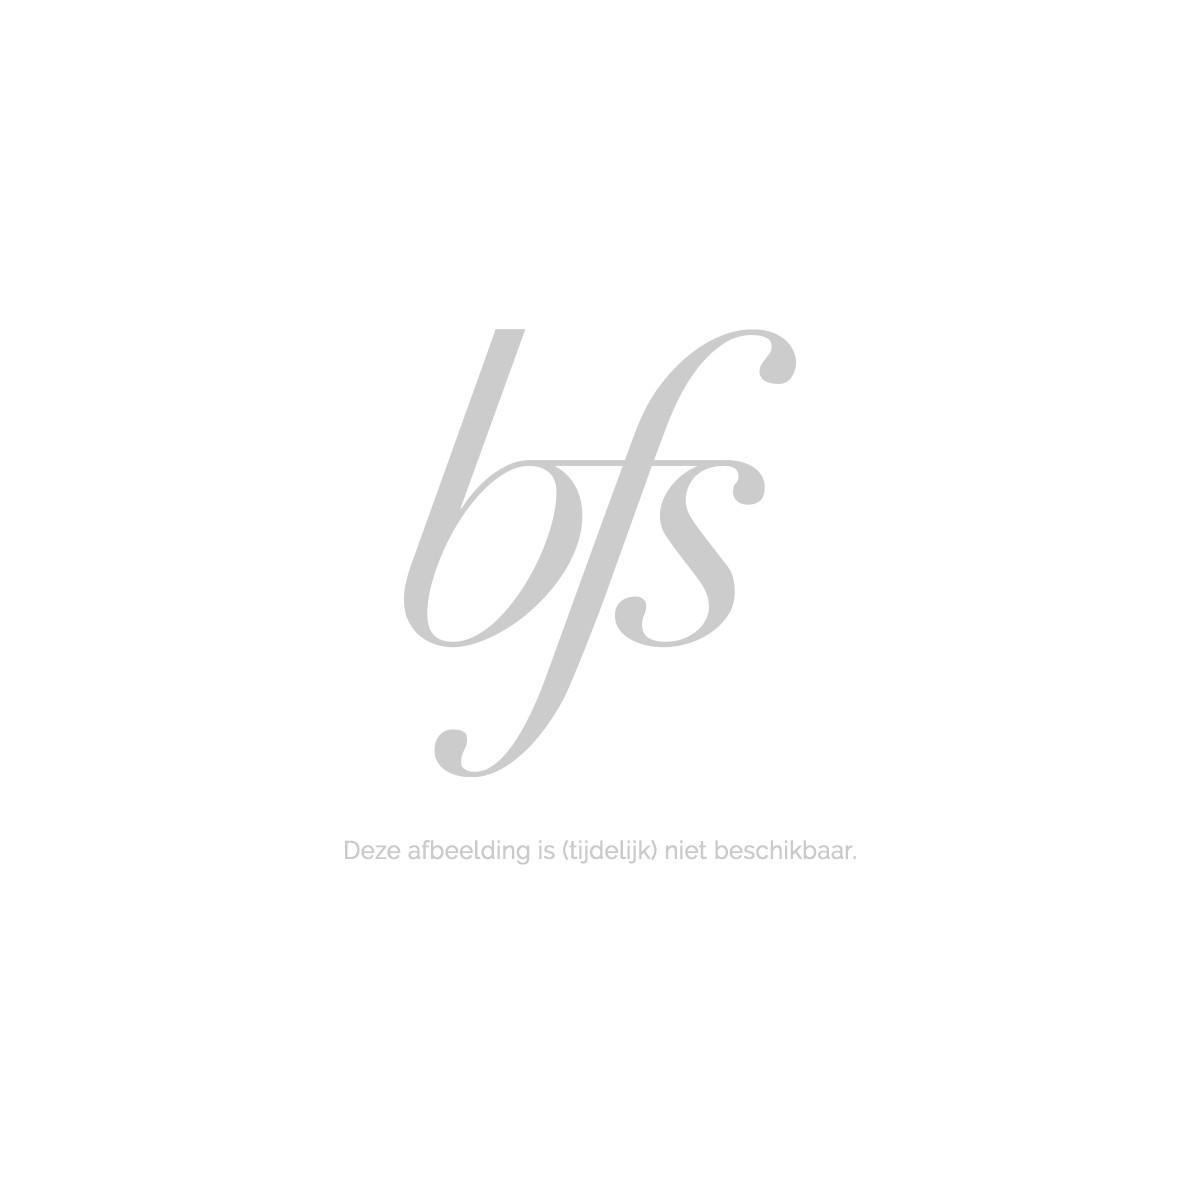 Whitetobrown Extend Bodylotion Met DHA